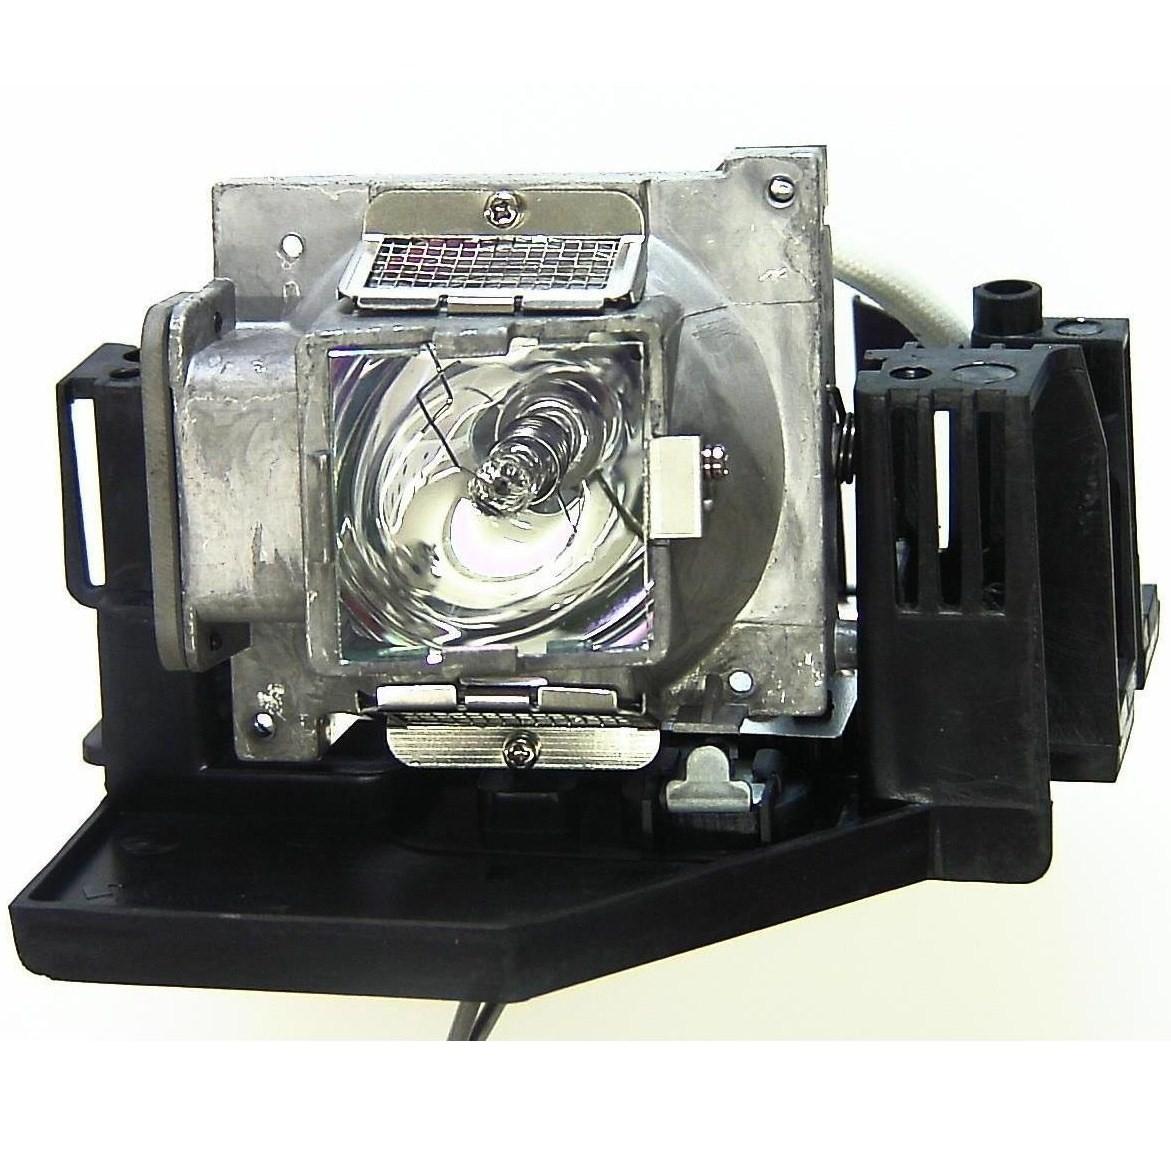 Planar Pd5030 Projector Lamp New P Vip Bulb Projectorquest